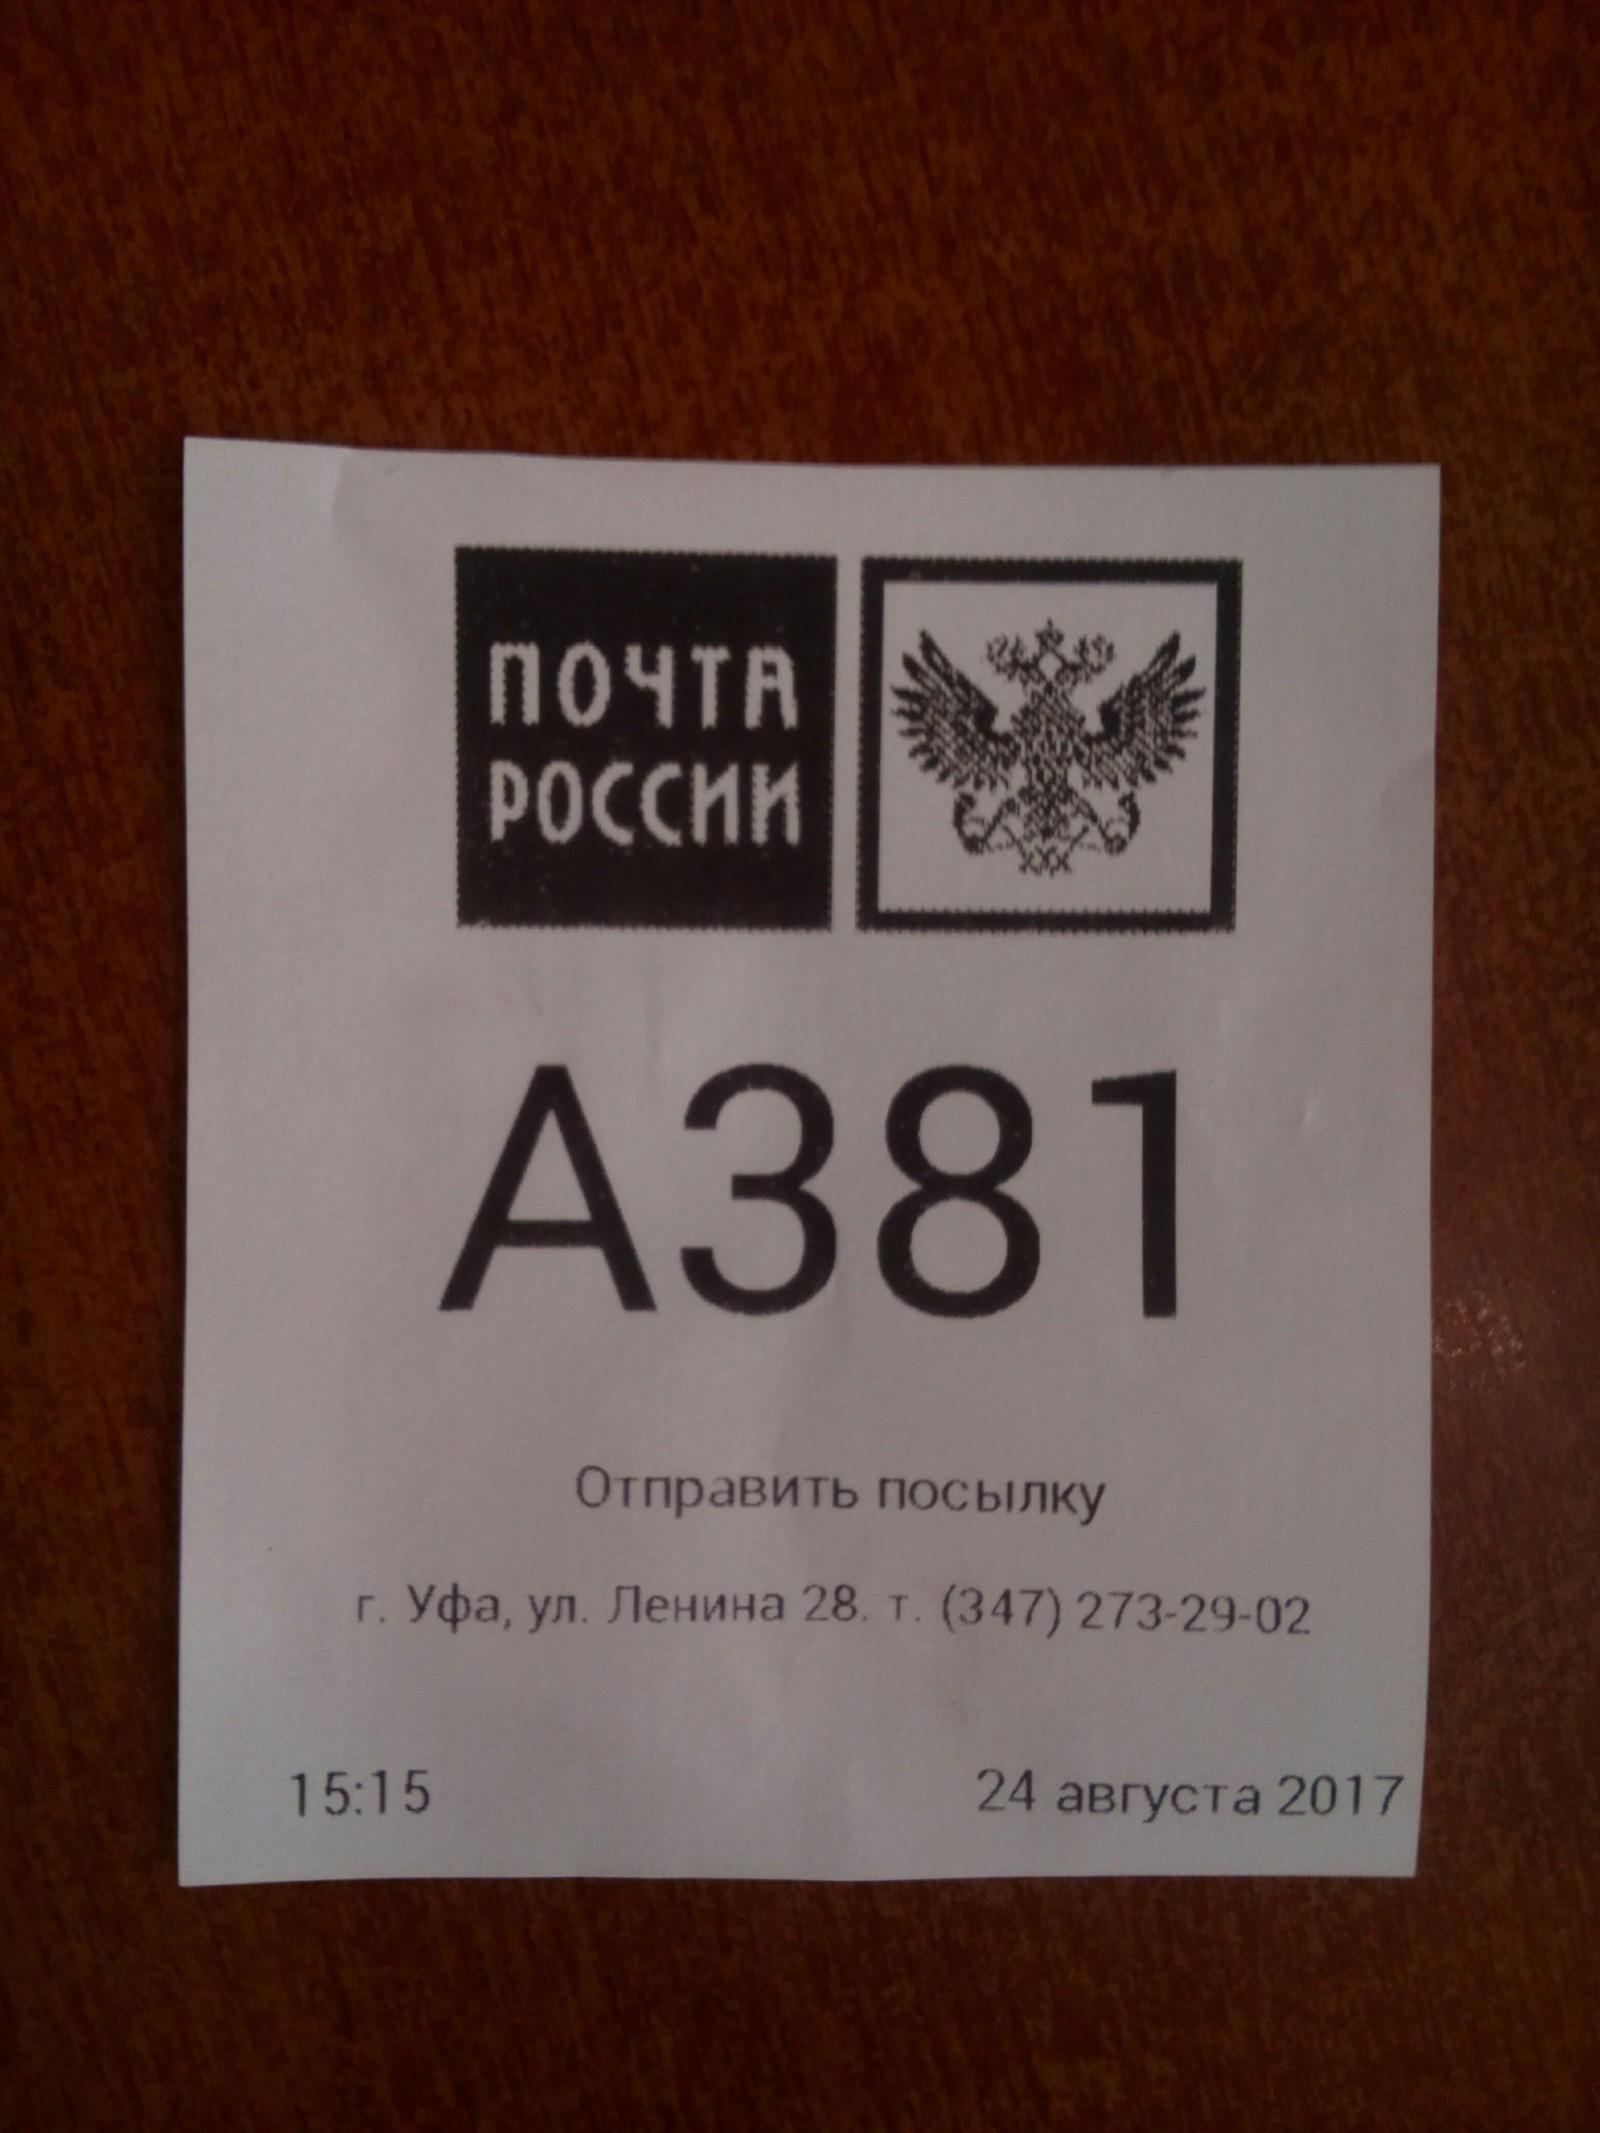 На почте россии полная жопа